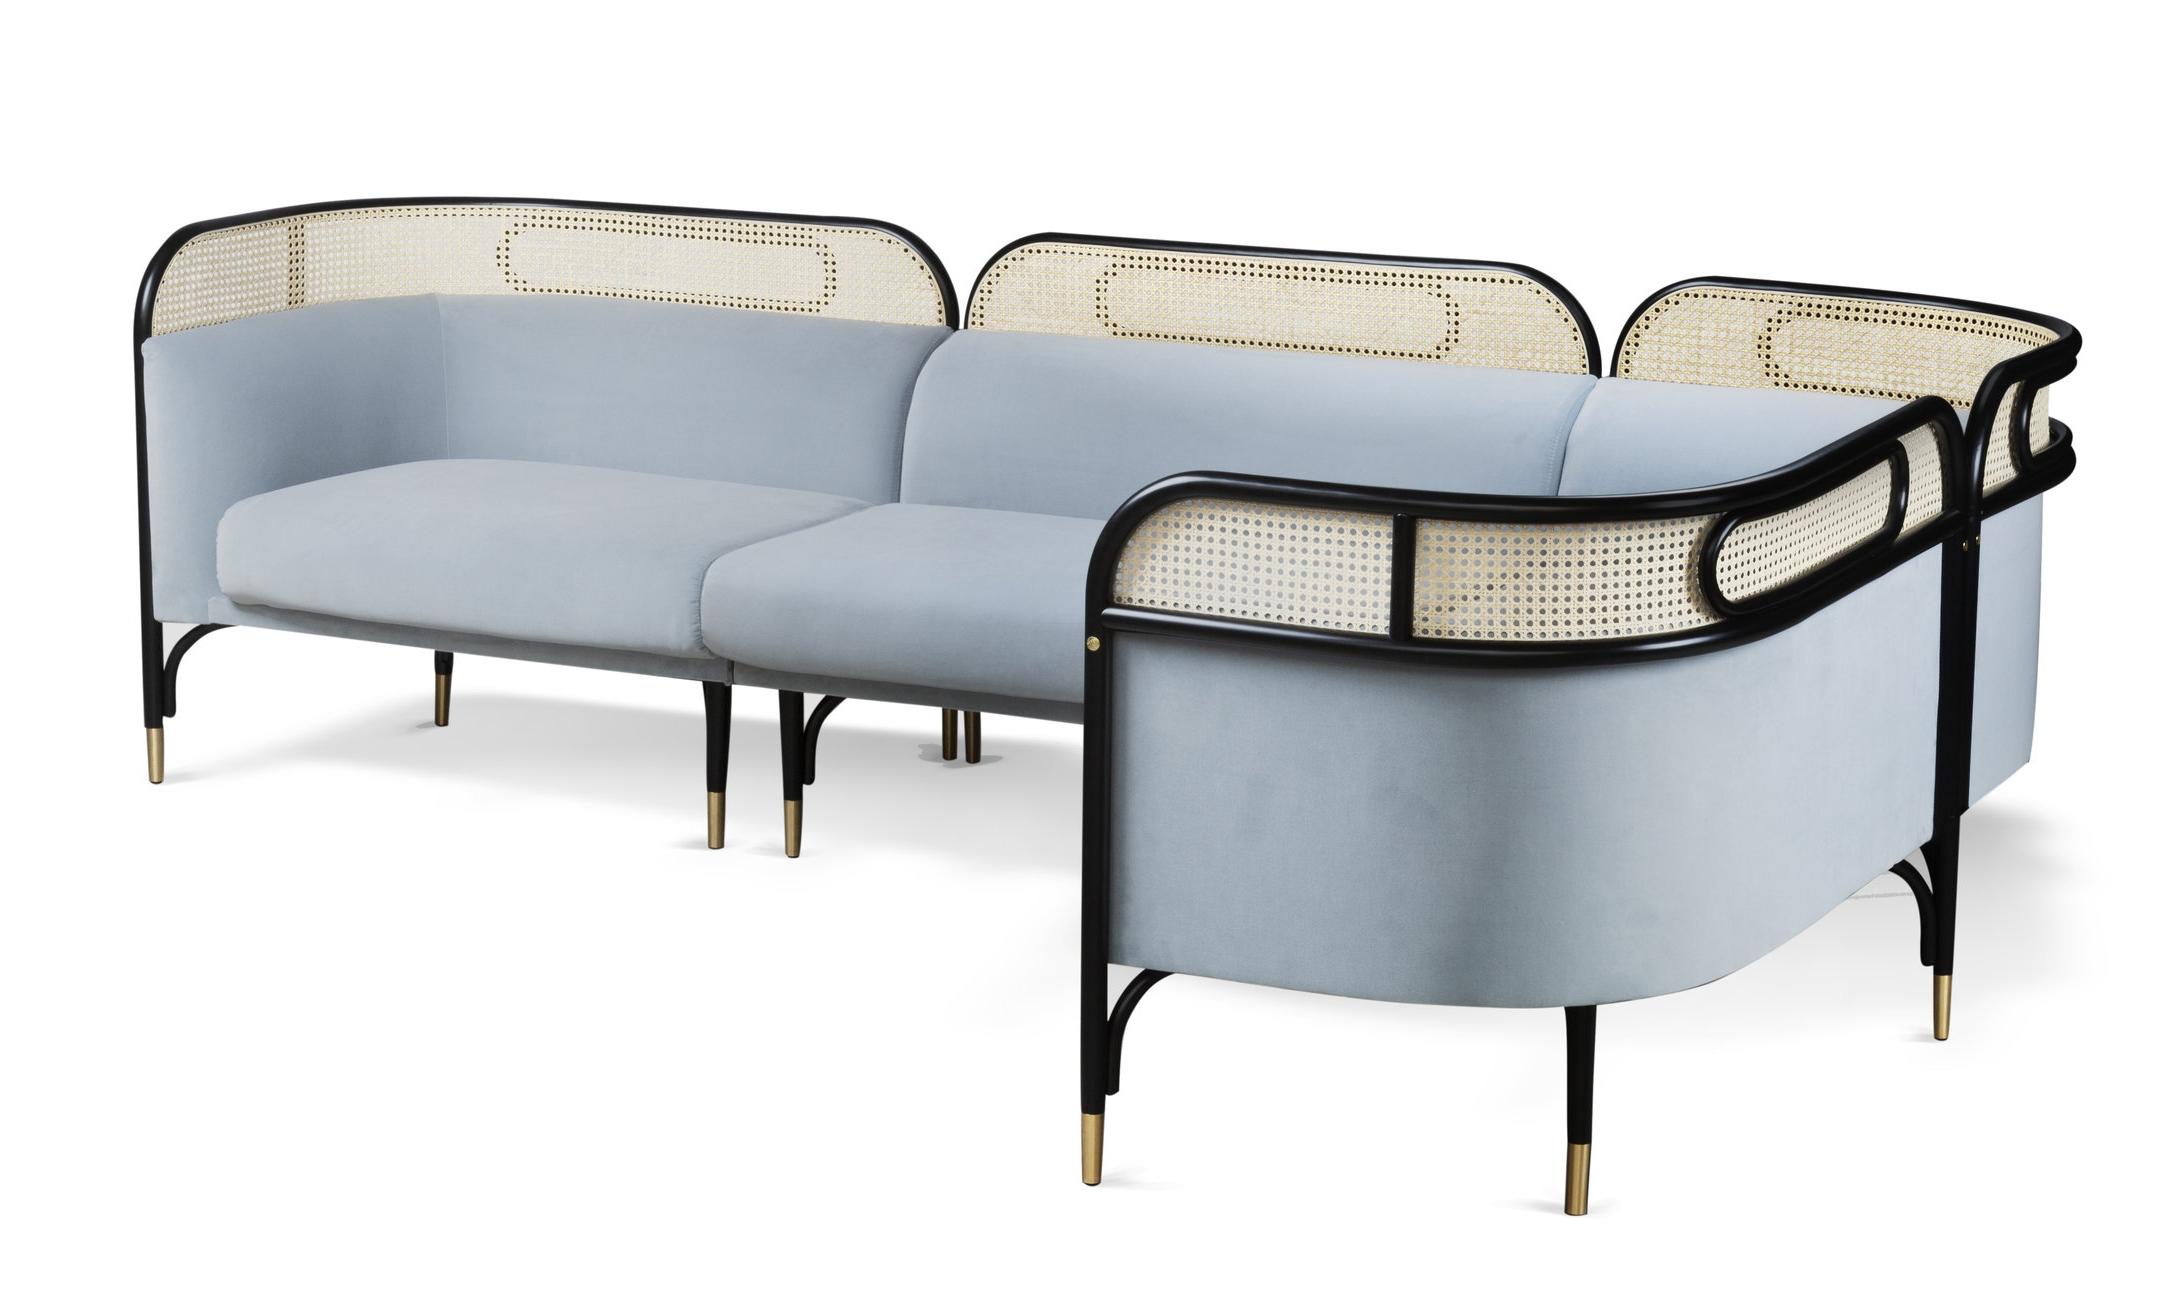 The Targa lounge designed by Italian-Danish design team Gam Fratesi for GTV.